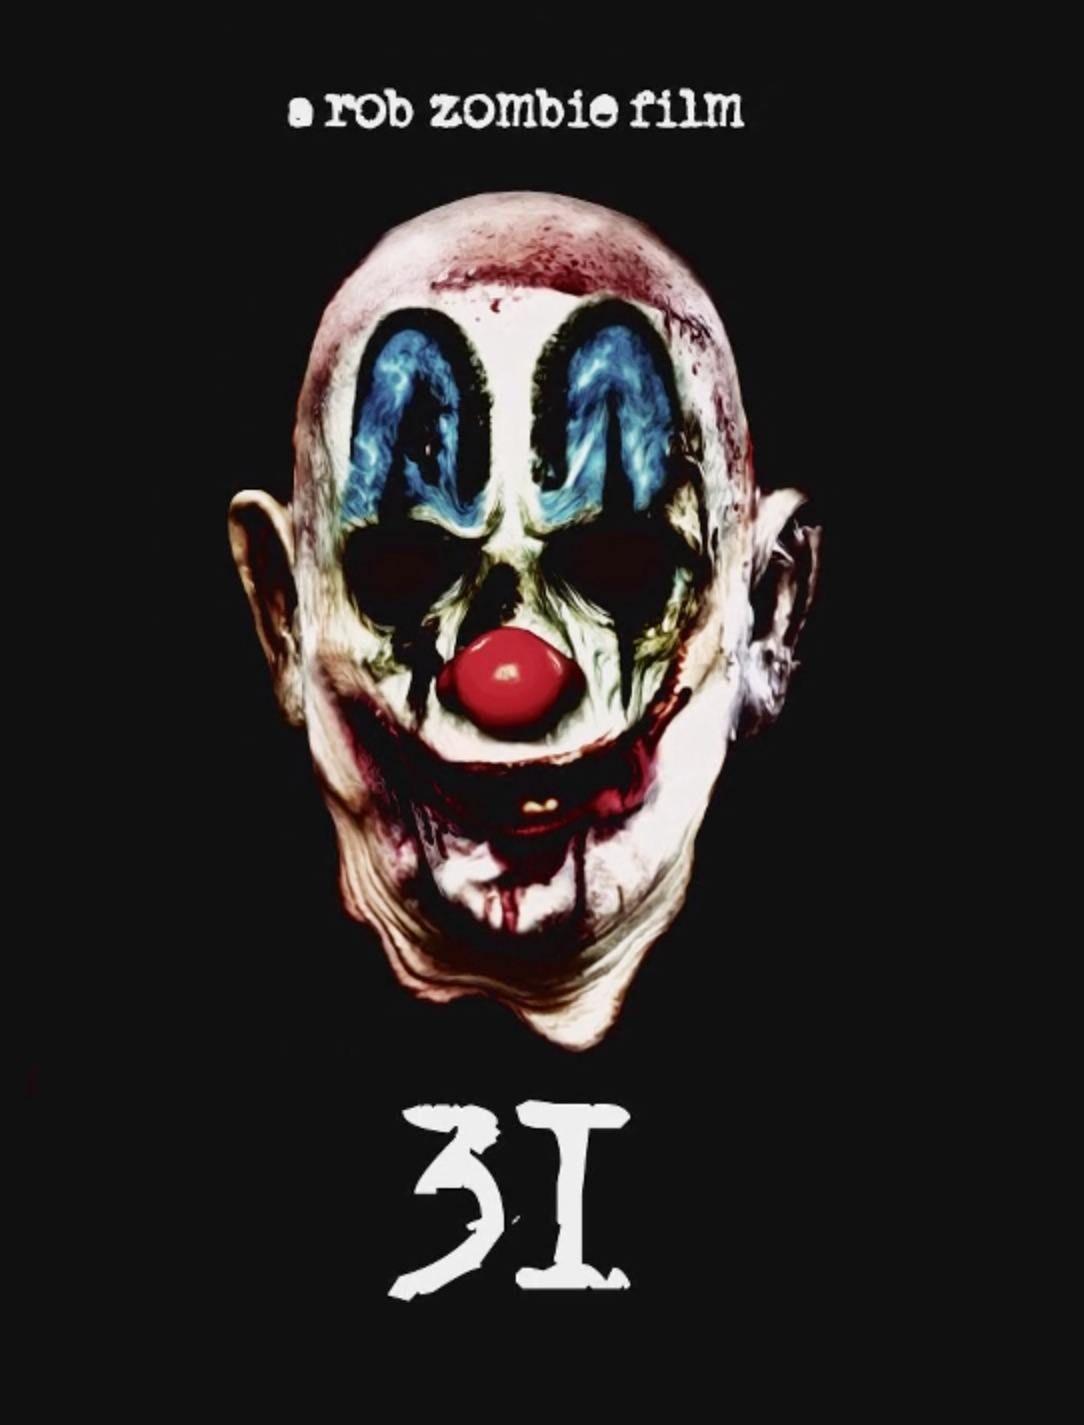 Rob Zombie habla 31